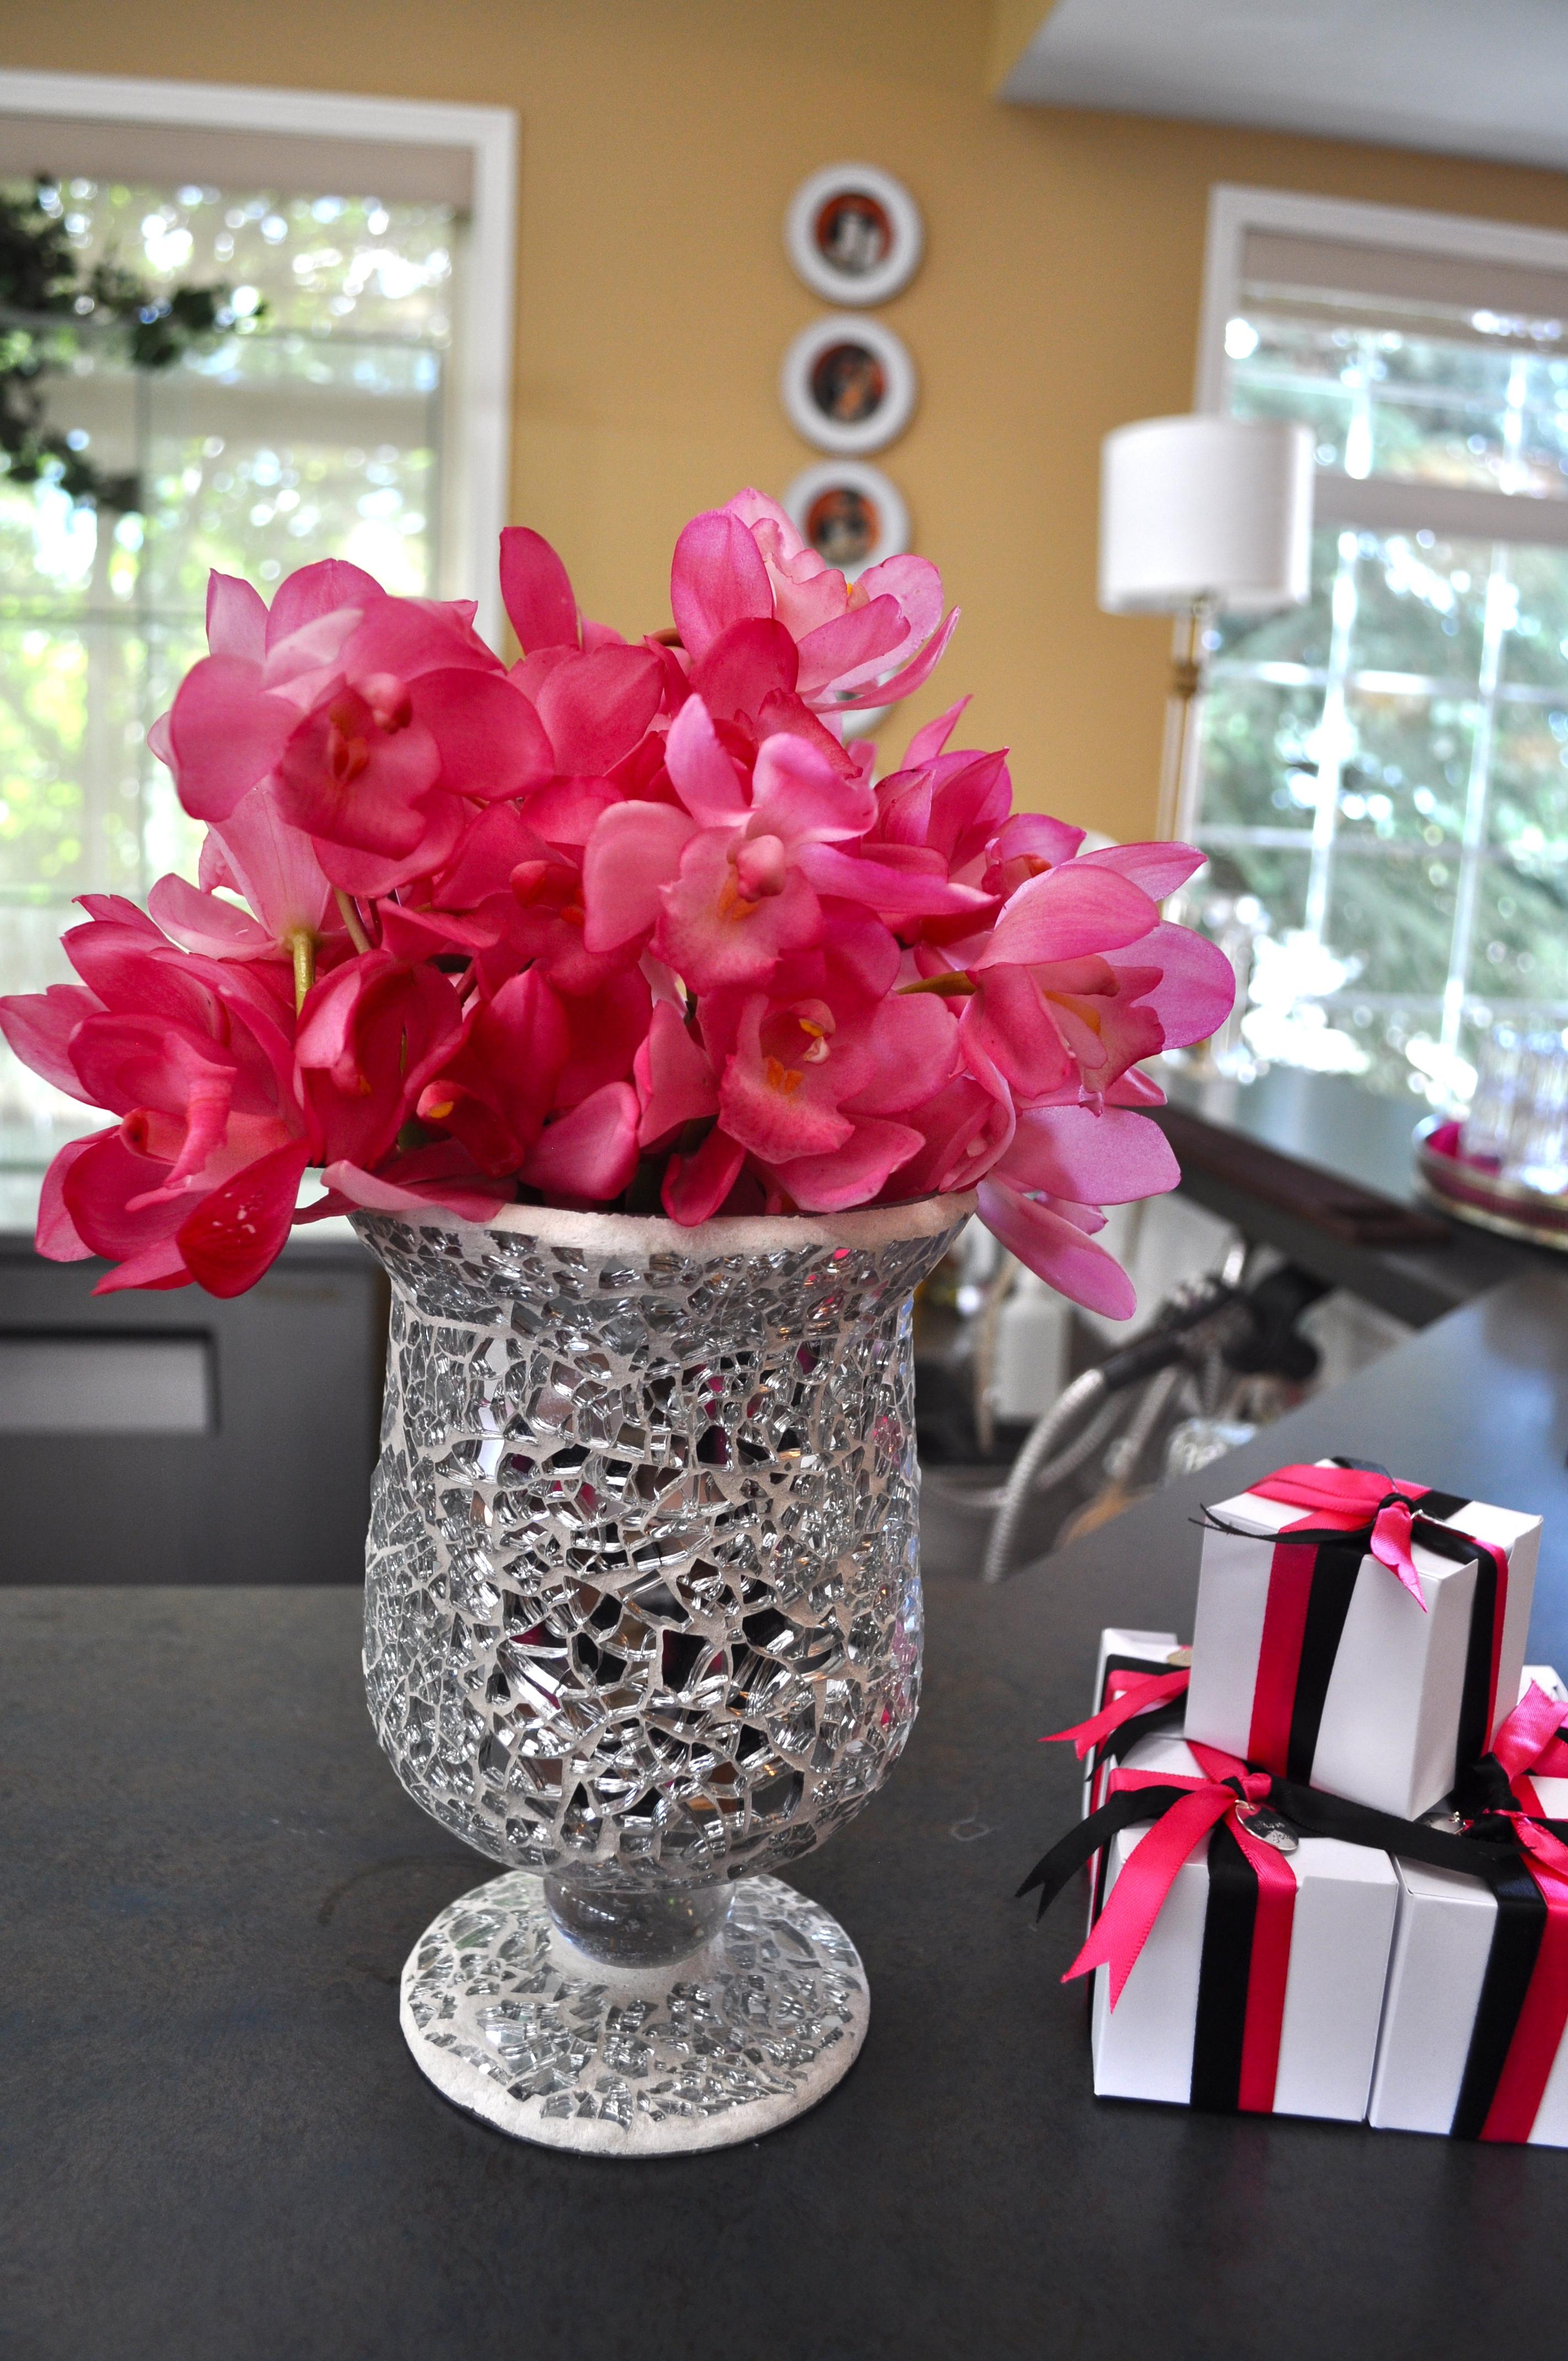 Hot Pink Orchid Arrangement